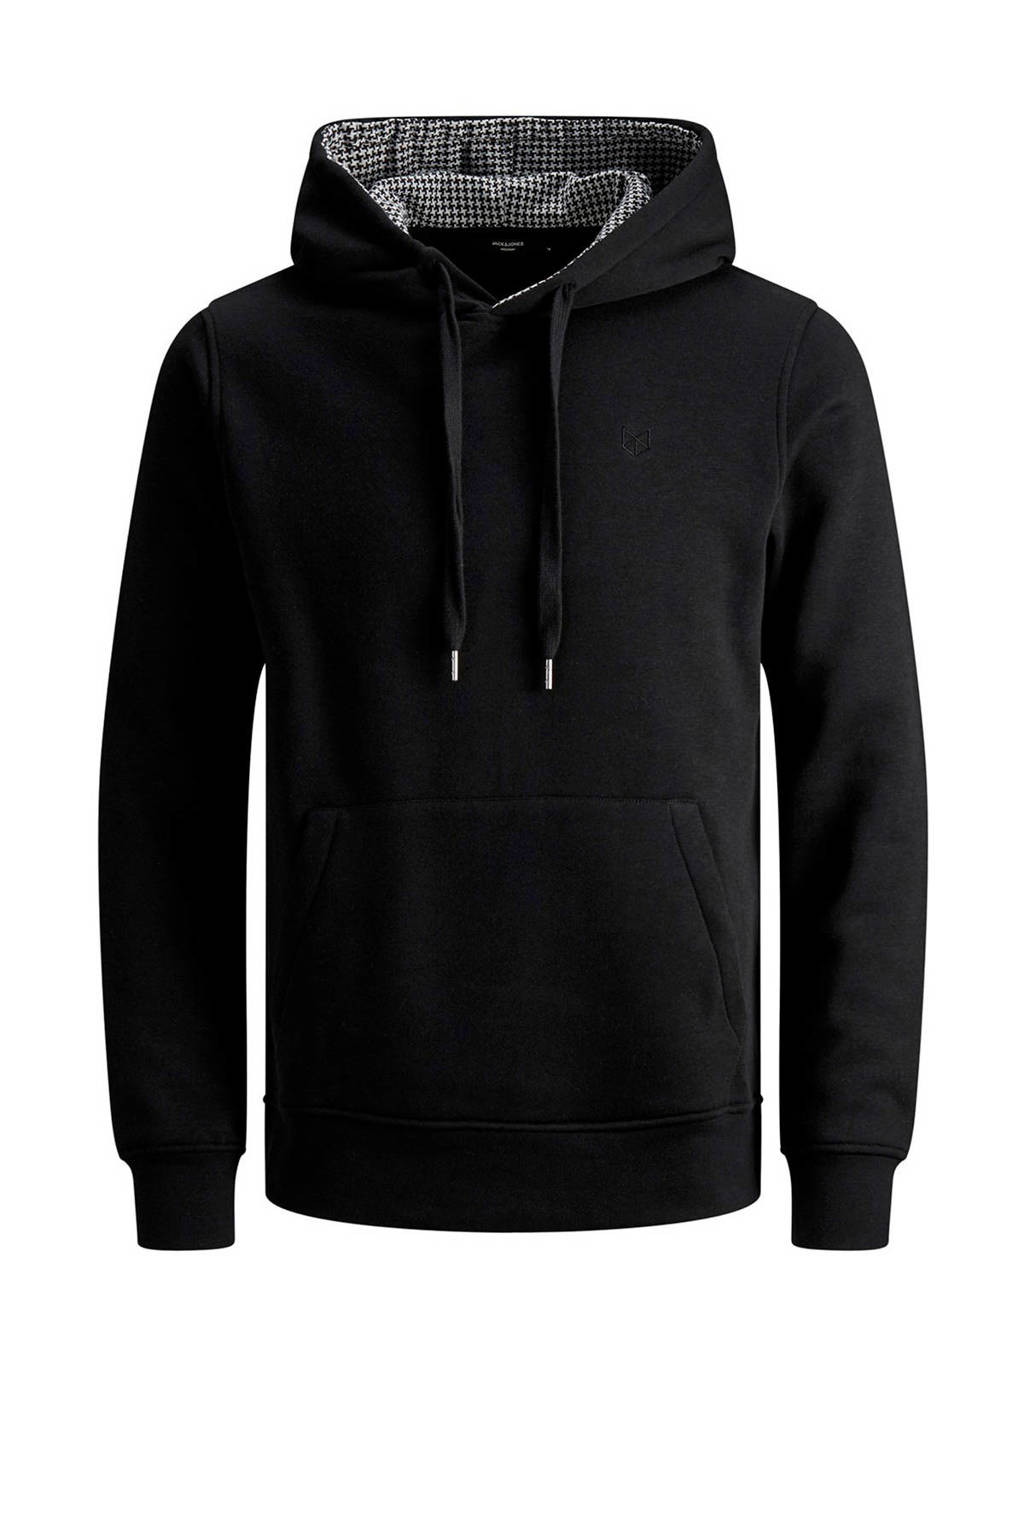 JACK & JONES PREMIUM hoodie zwart/wit, Zwart/wit